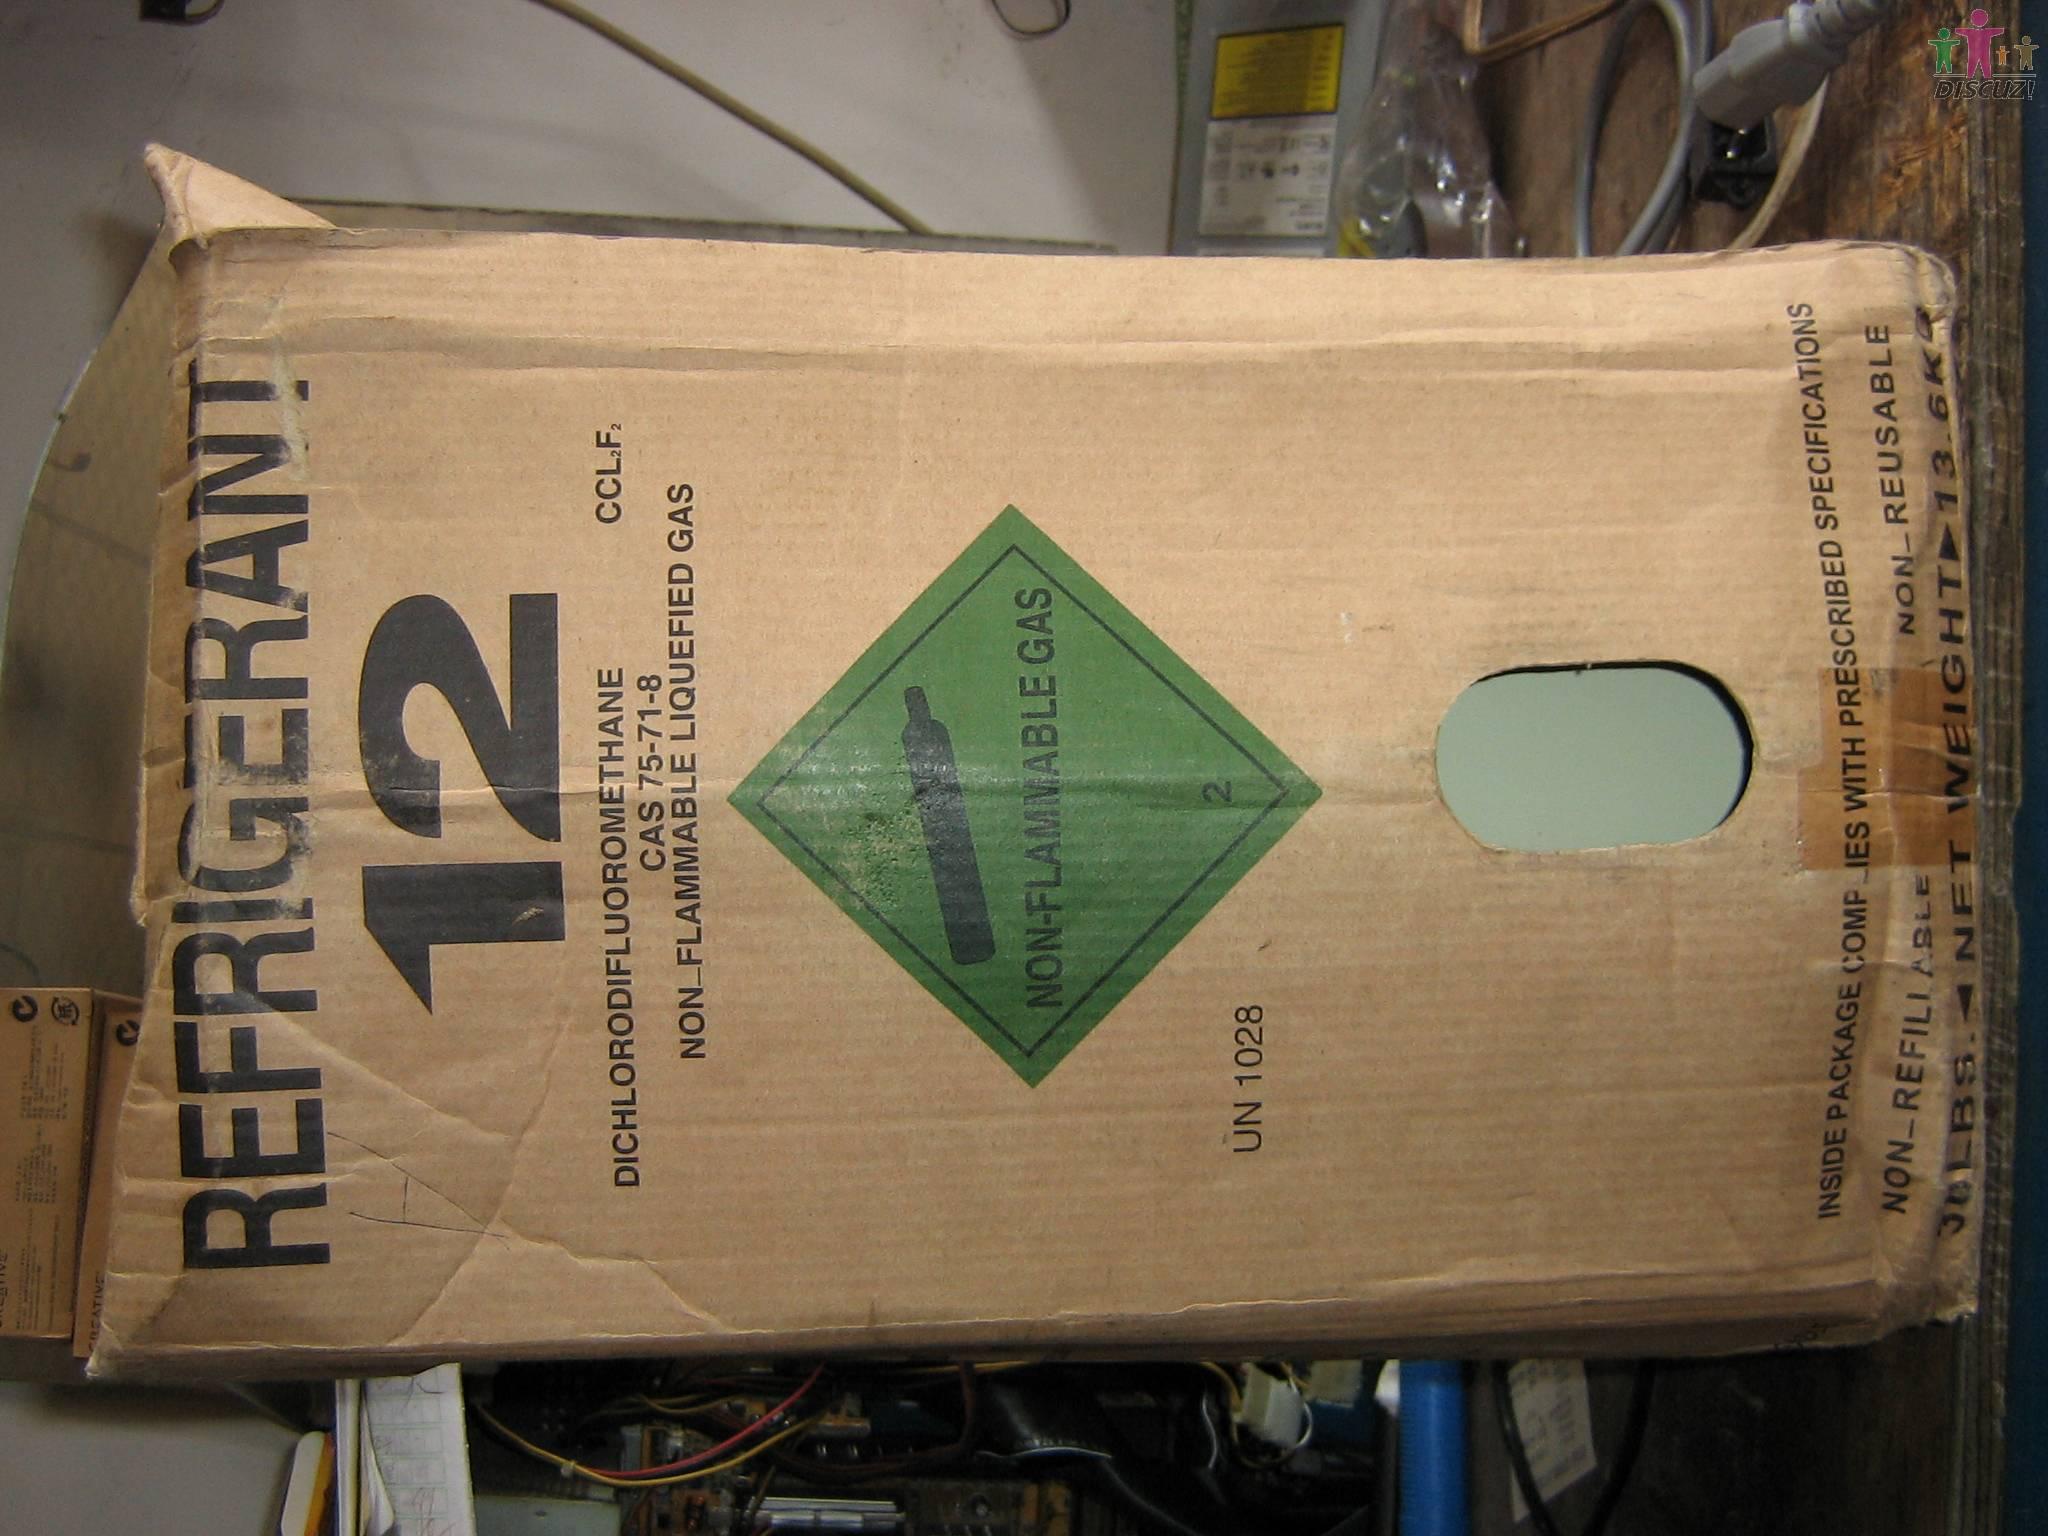 今天修了一台格力空调的线路板,客户懂点电器,拿板看了一会,说我并没有修,是怎么弄好的。我确实修了,大家看看我换了什么?  ---------------------------------  修后的板 --------------------------------- 换了个长长的集成块。因为旁边两个IC没有插座,而长长的那个有个插座,估计是楼主换的。 --------------------------------- 换了个室内机风机电容器。。。。。。。 ------------------------